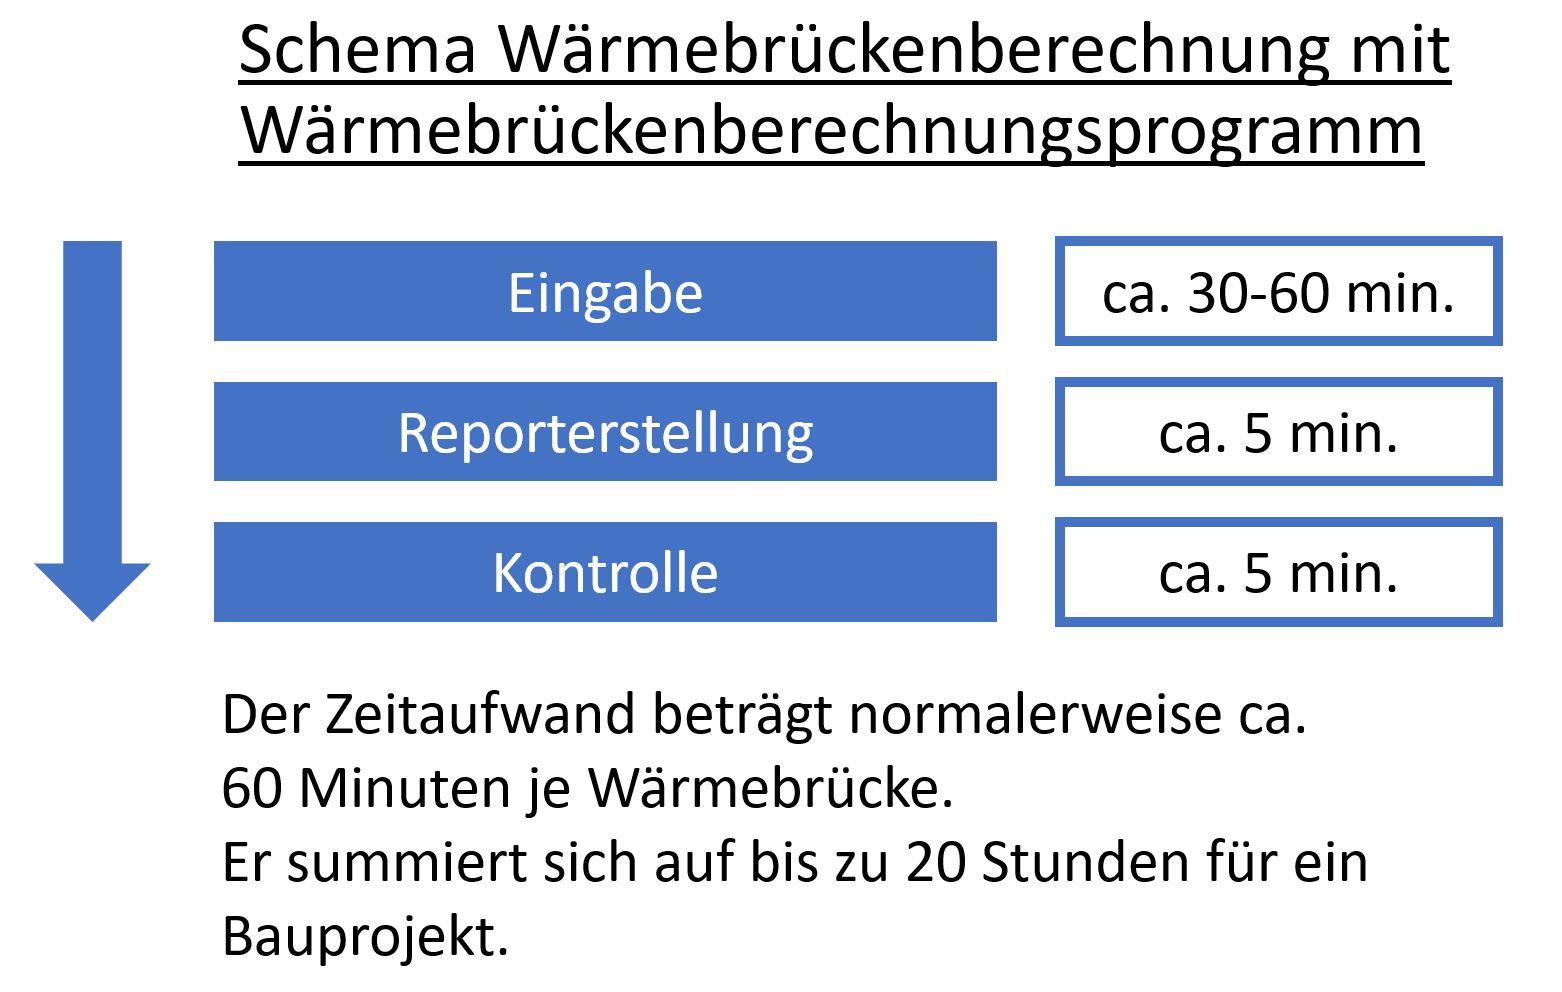 Schema Zeitaufwand Wärmebrückenberechnungsprogramm